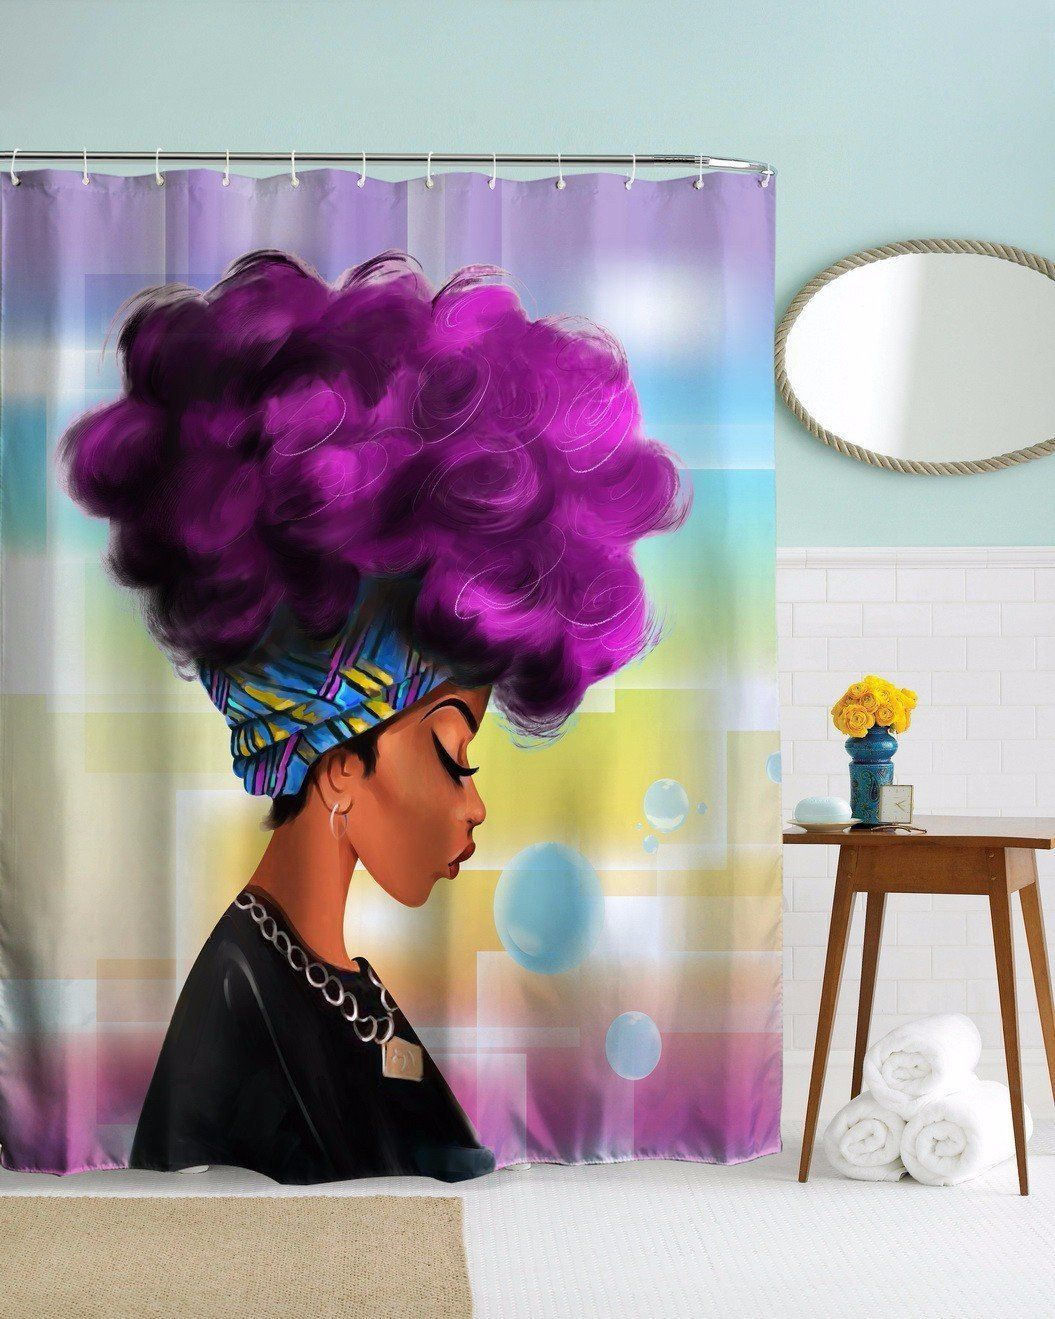 Афро душ Шторы Африканская женщина с сиреневыми волосами акварельный портрет Аватар для печати Водонепроницаемый плесени устойчивы